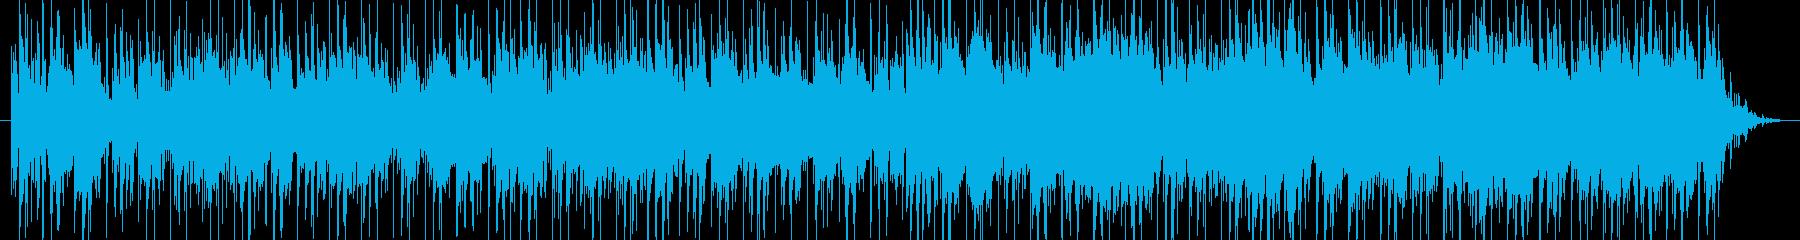 リラックス感のあるポップス調16ビートの再生済みの波形